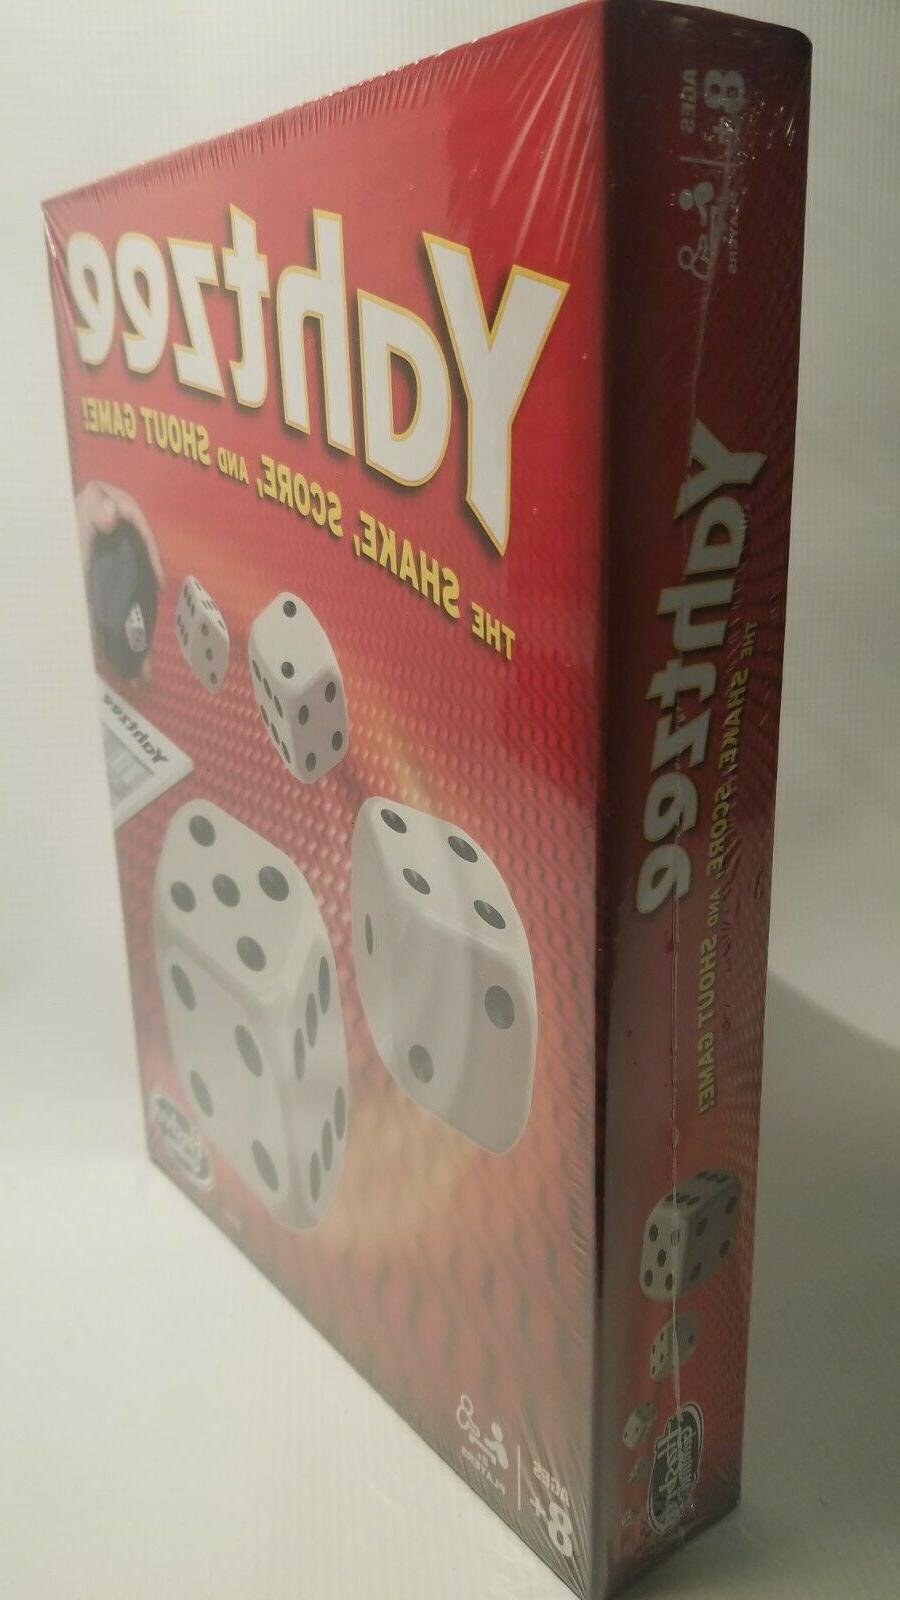 Yahtzee Board Fun Game The Whole Family